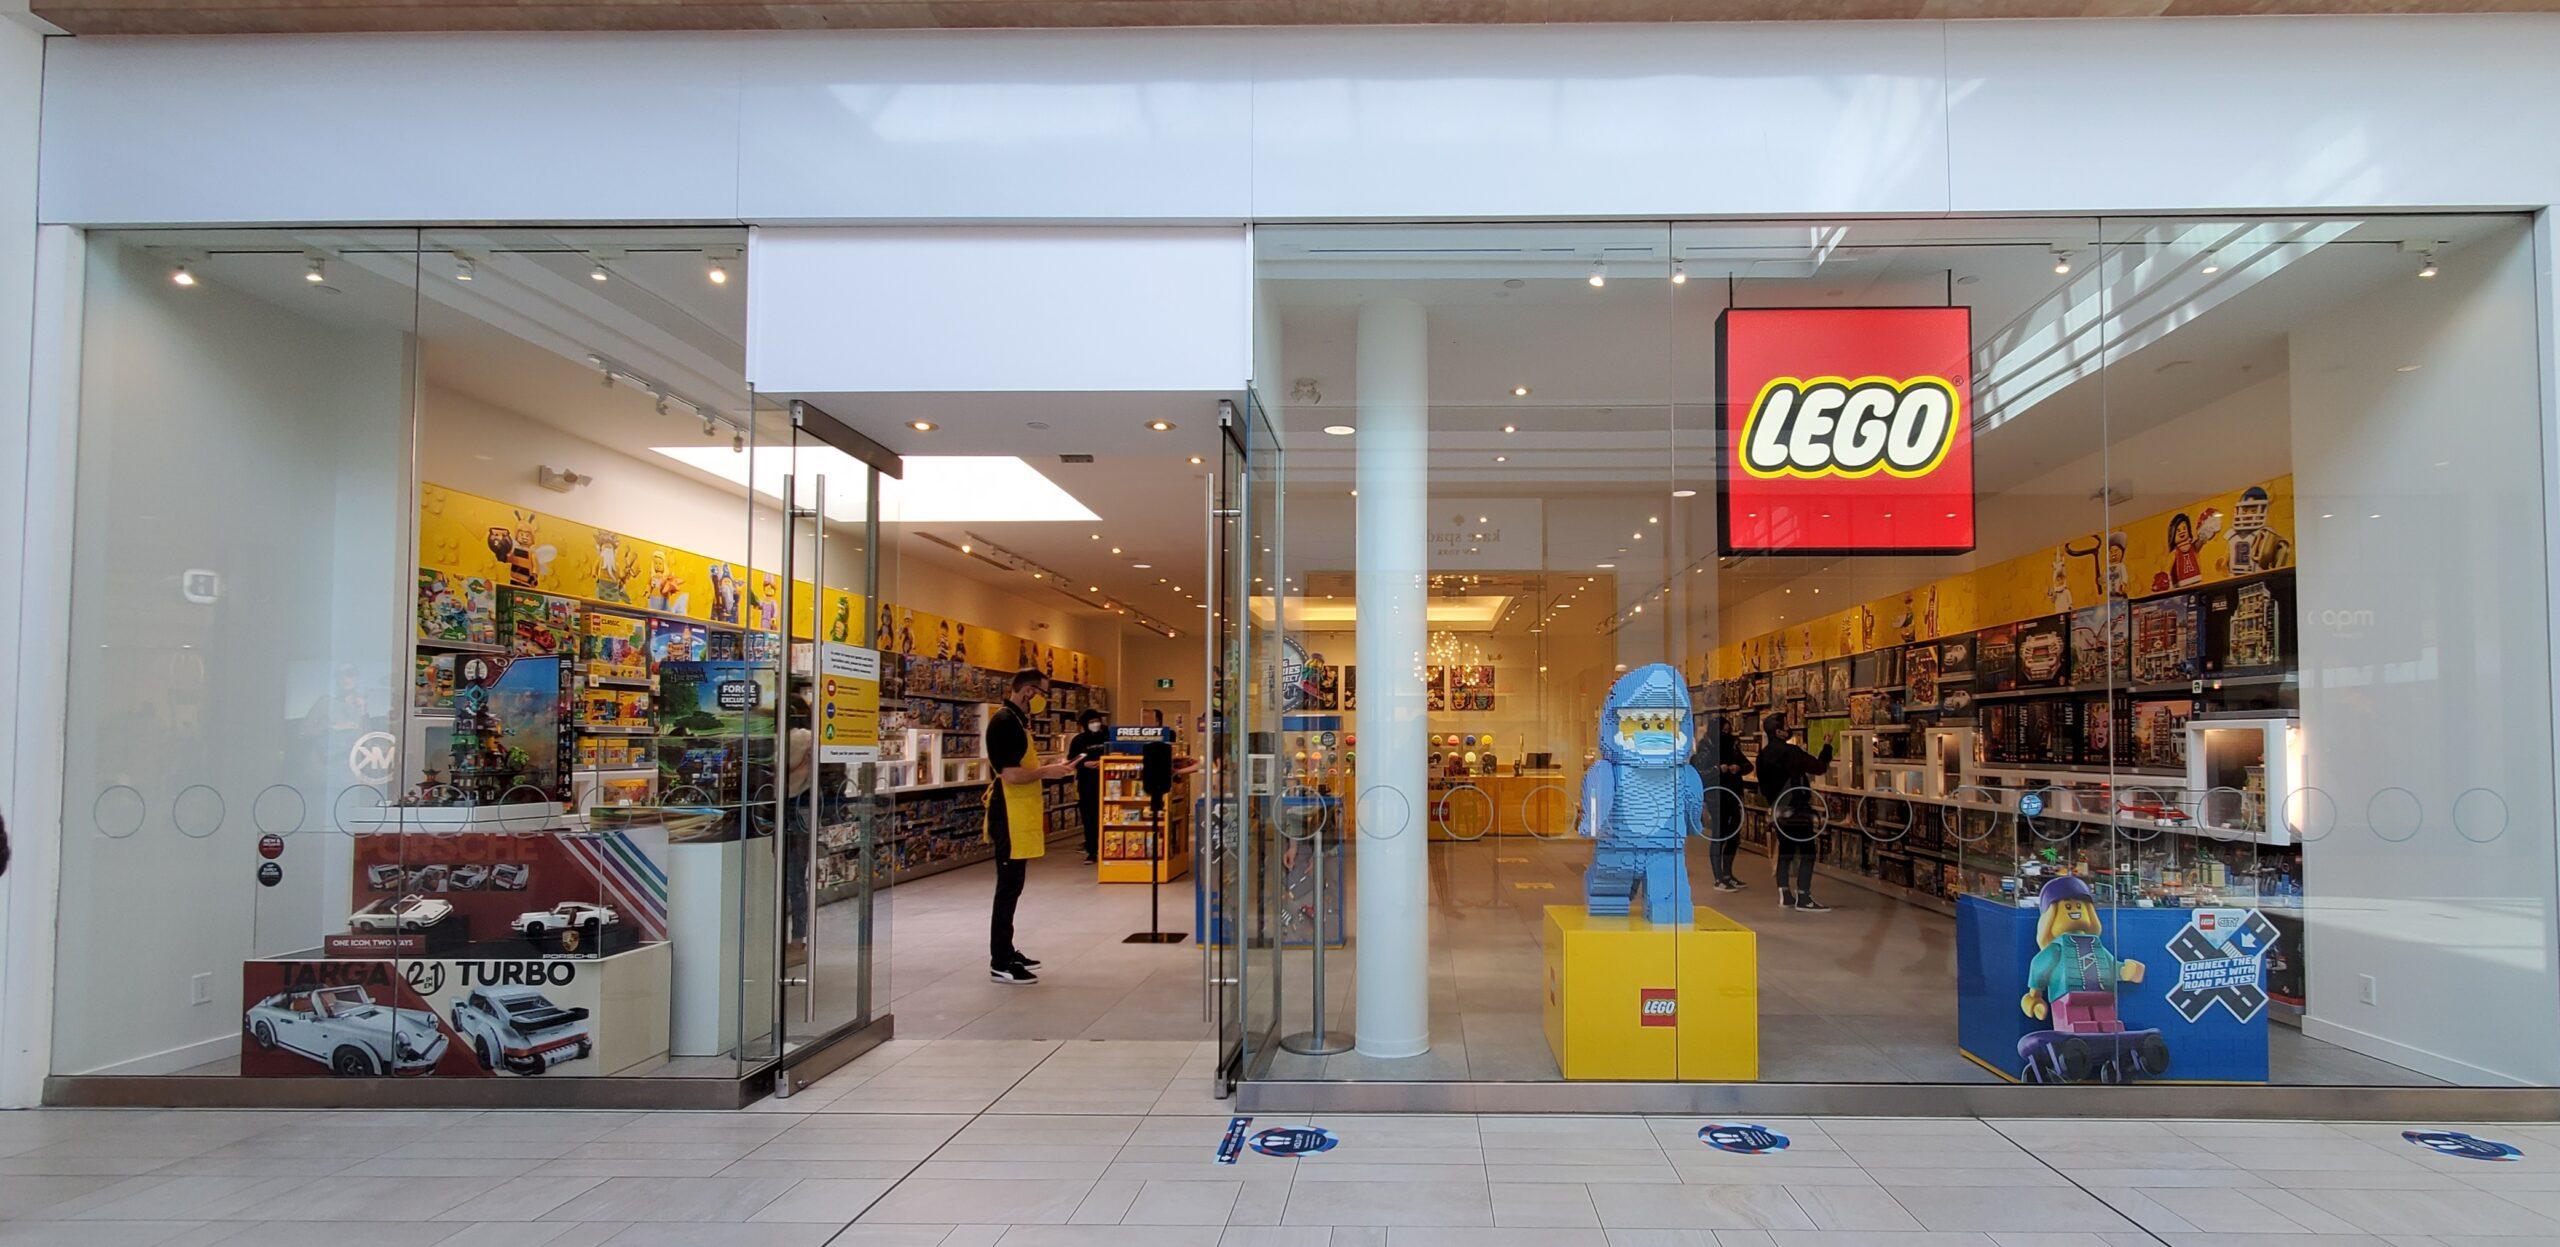 Lego at CF Richmond Centre.